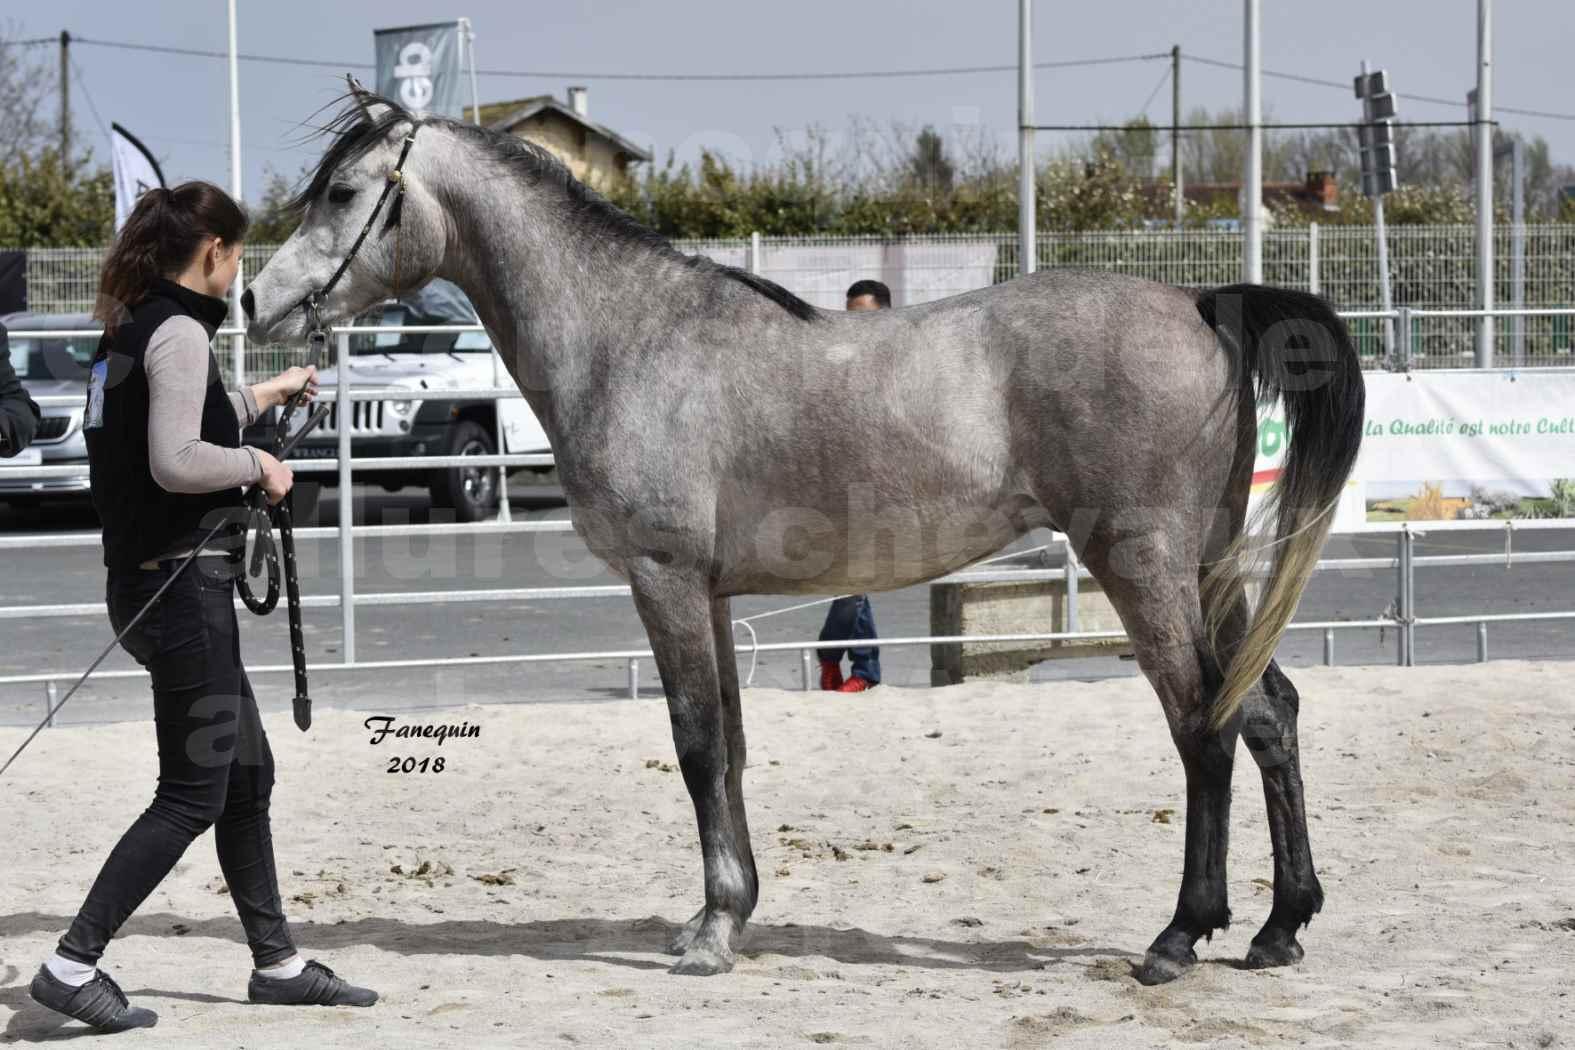 Concours d'élevage de Chevaux Arabes - D. S. A. - A. A. - ALBI les 6 & 7 Avril 2018 - FLORAC LARZAC - Notre Sélection - 6